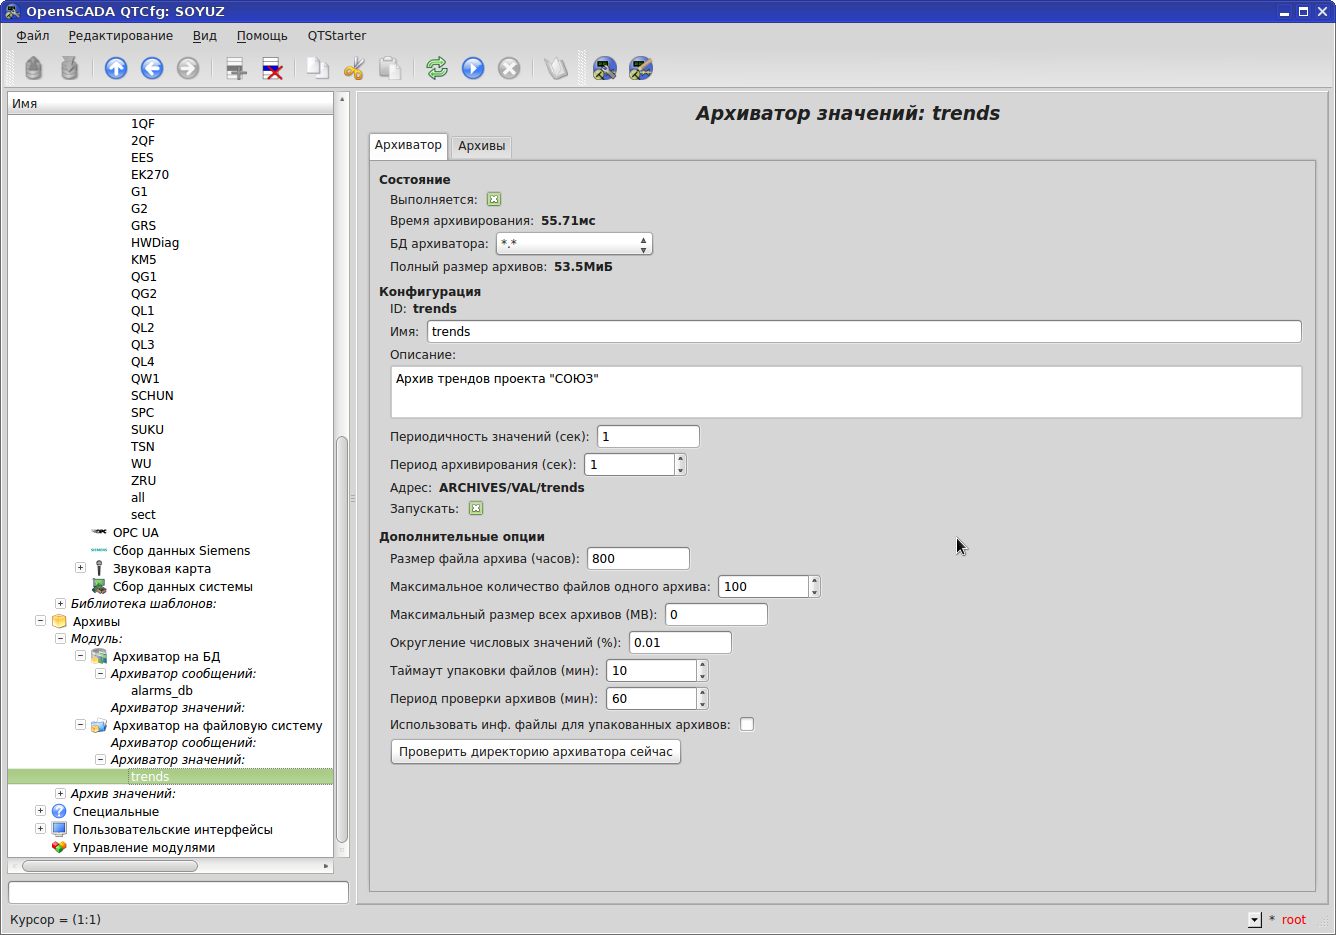 Как я проект в OpenSCADA сделал